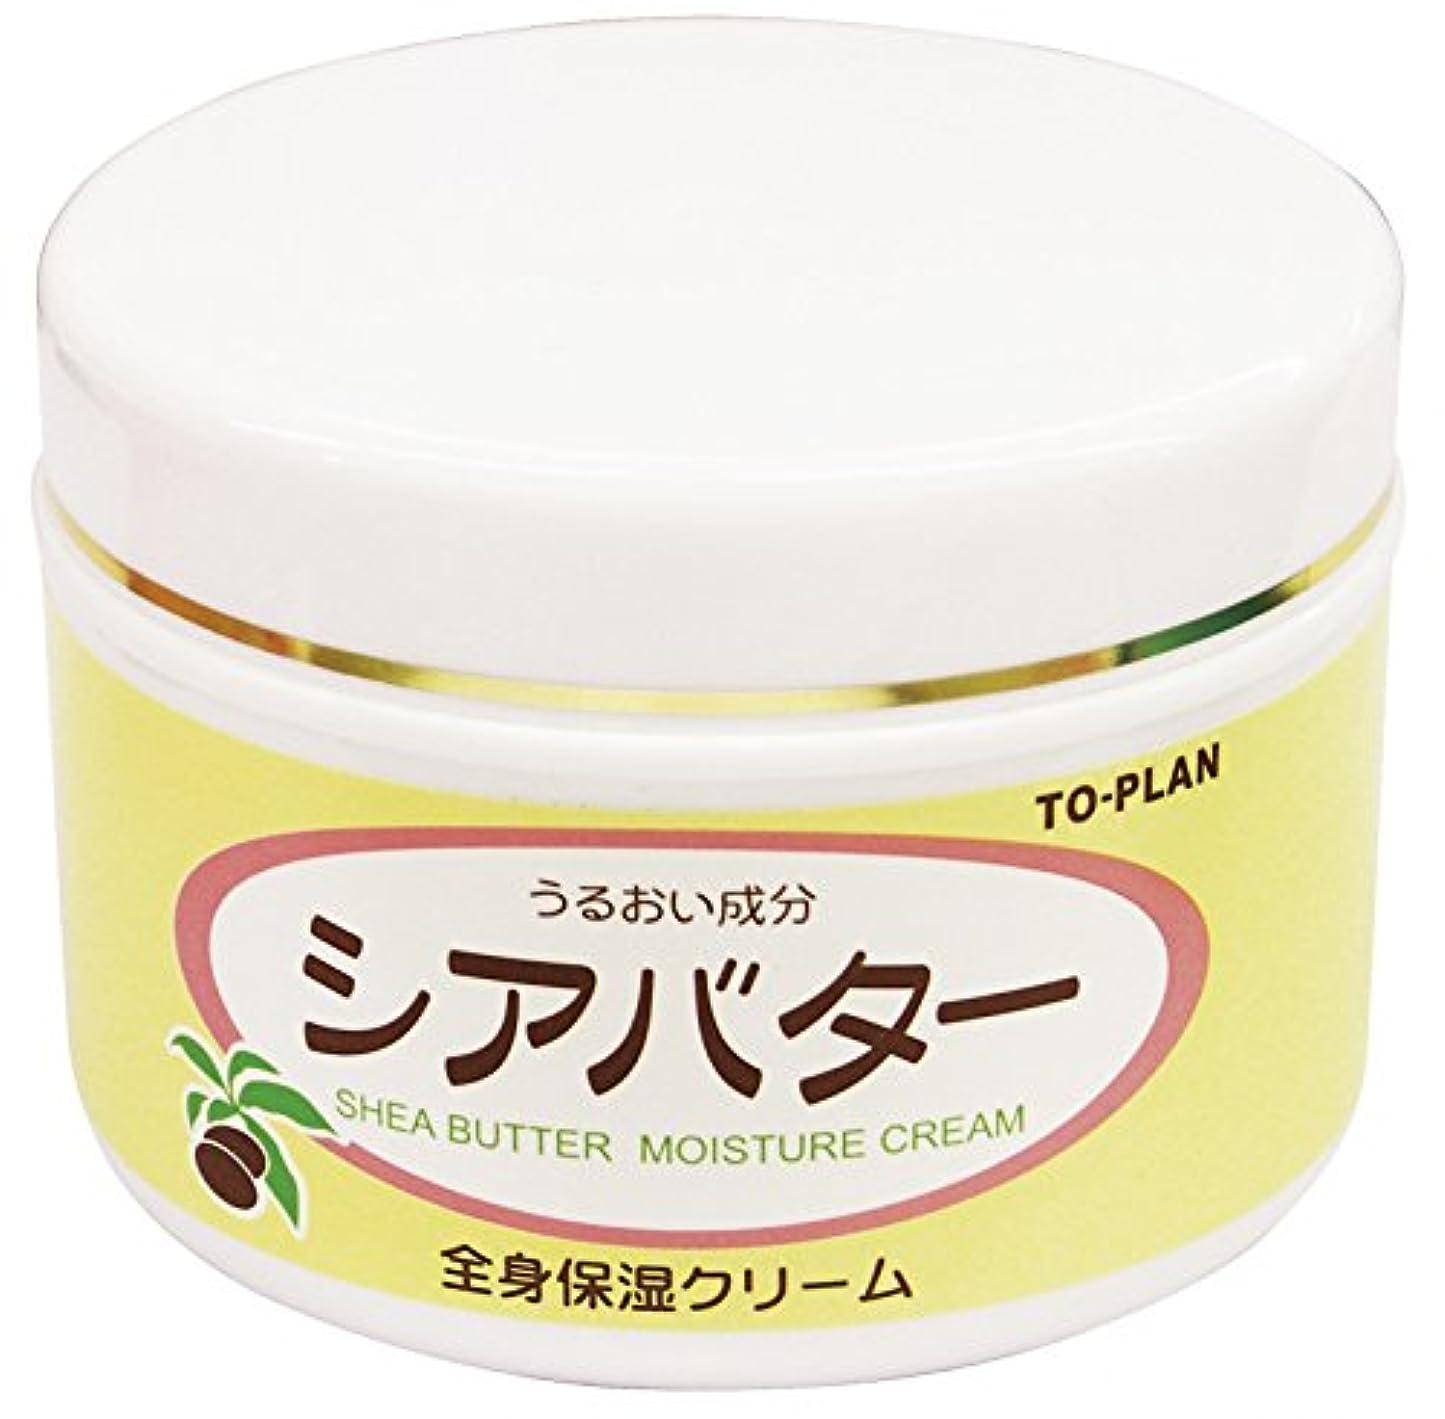 窒素魂眠っているTO-PLAN(トプラン) シアバター全身保湿クリーム 170g